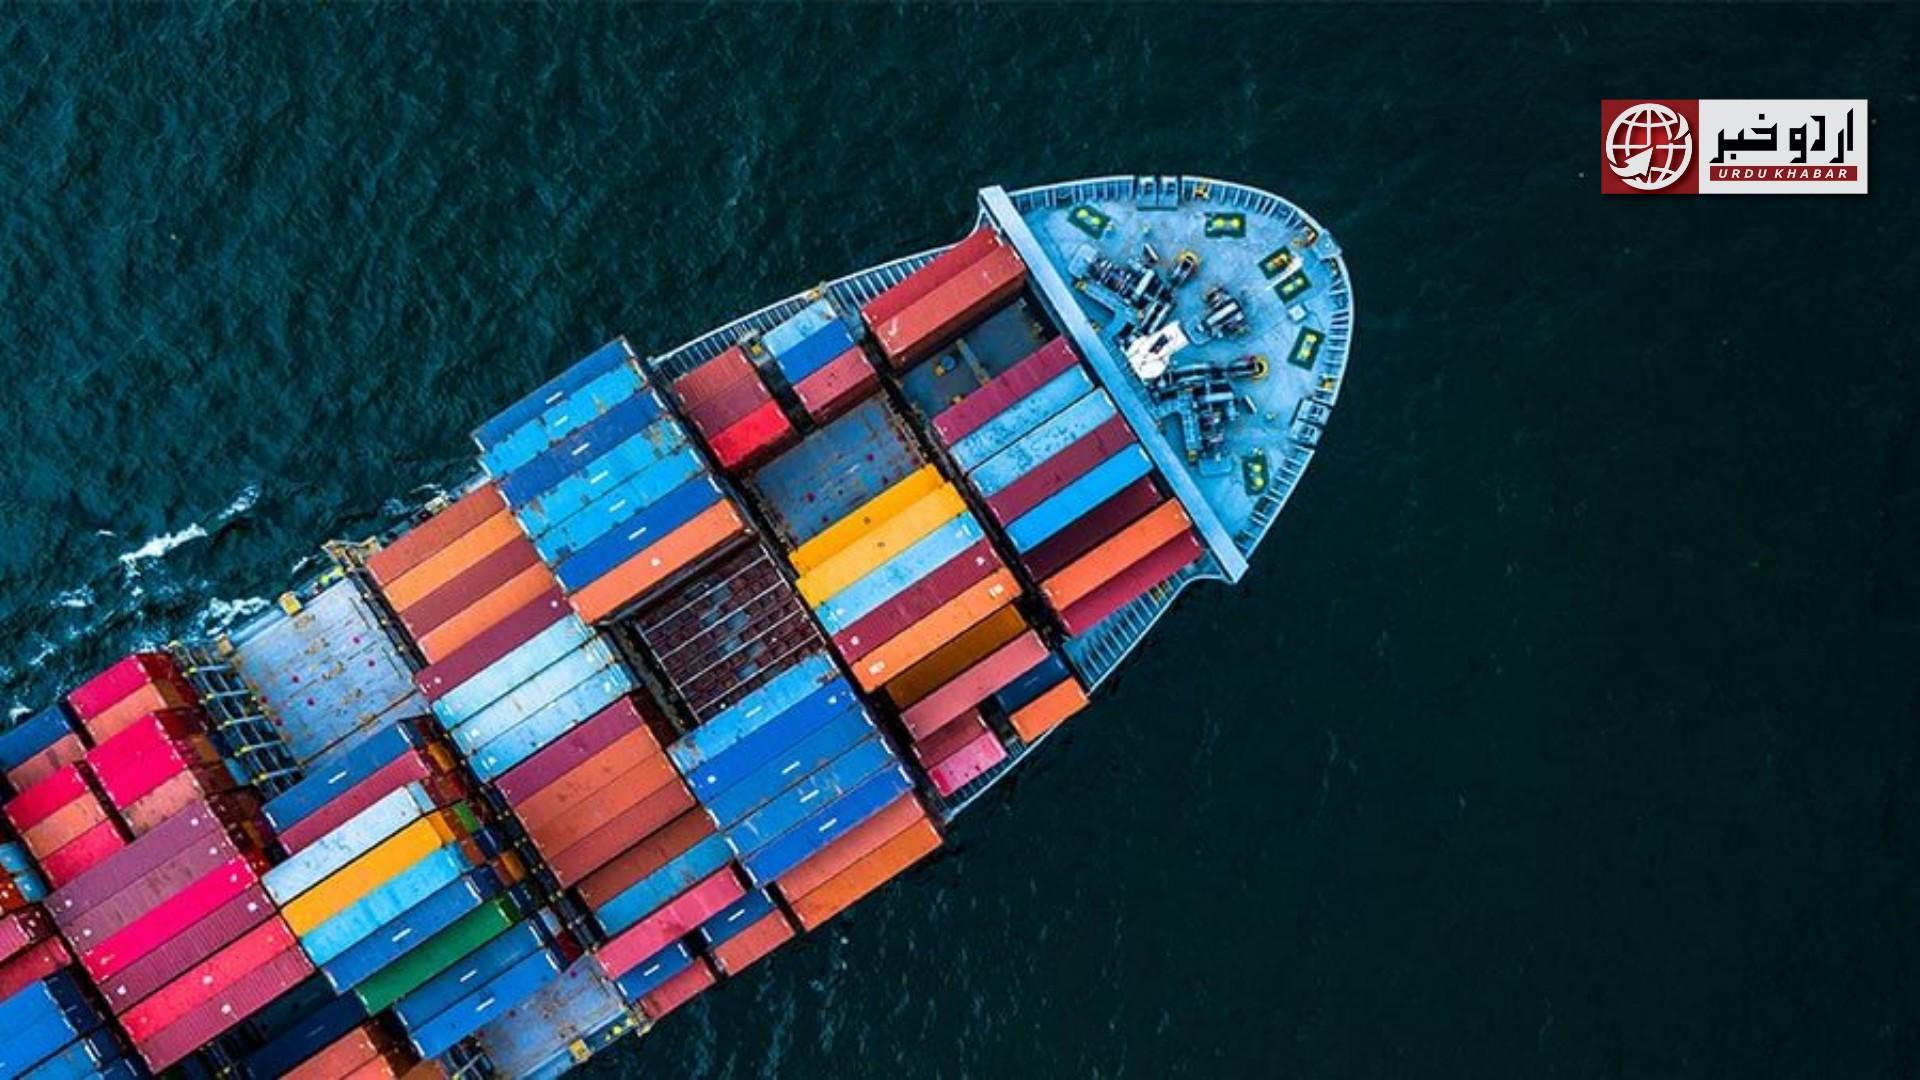 سال 2019-20 میں برآمدات میں کمی واقع ہوئی